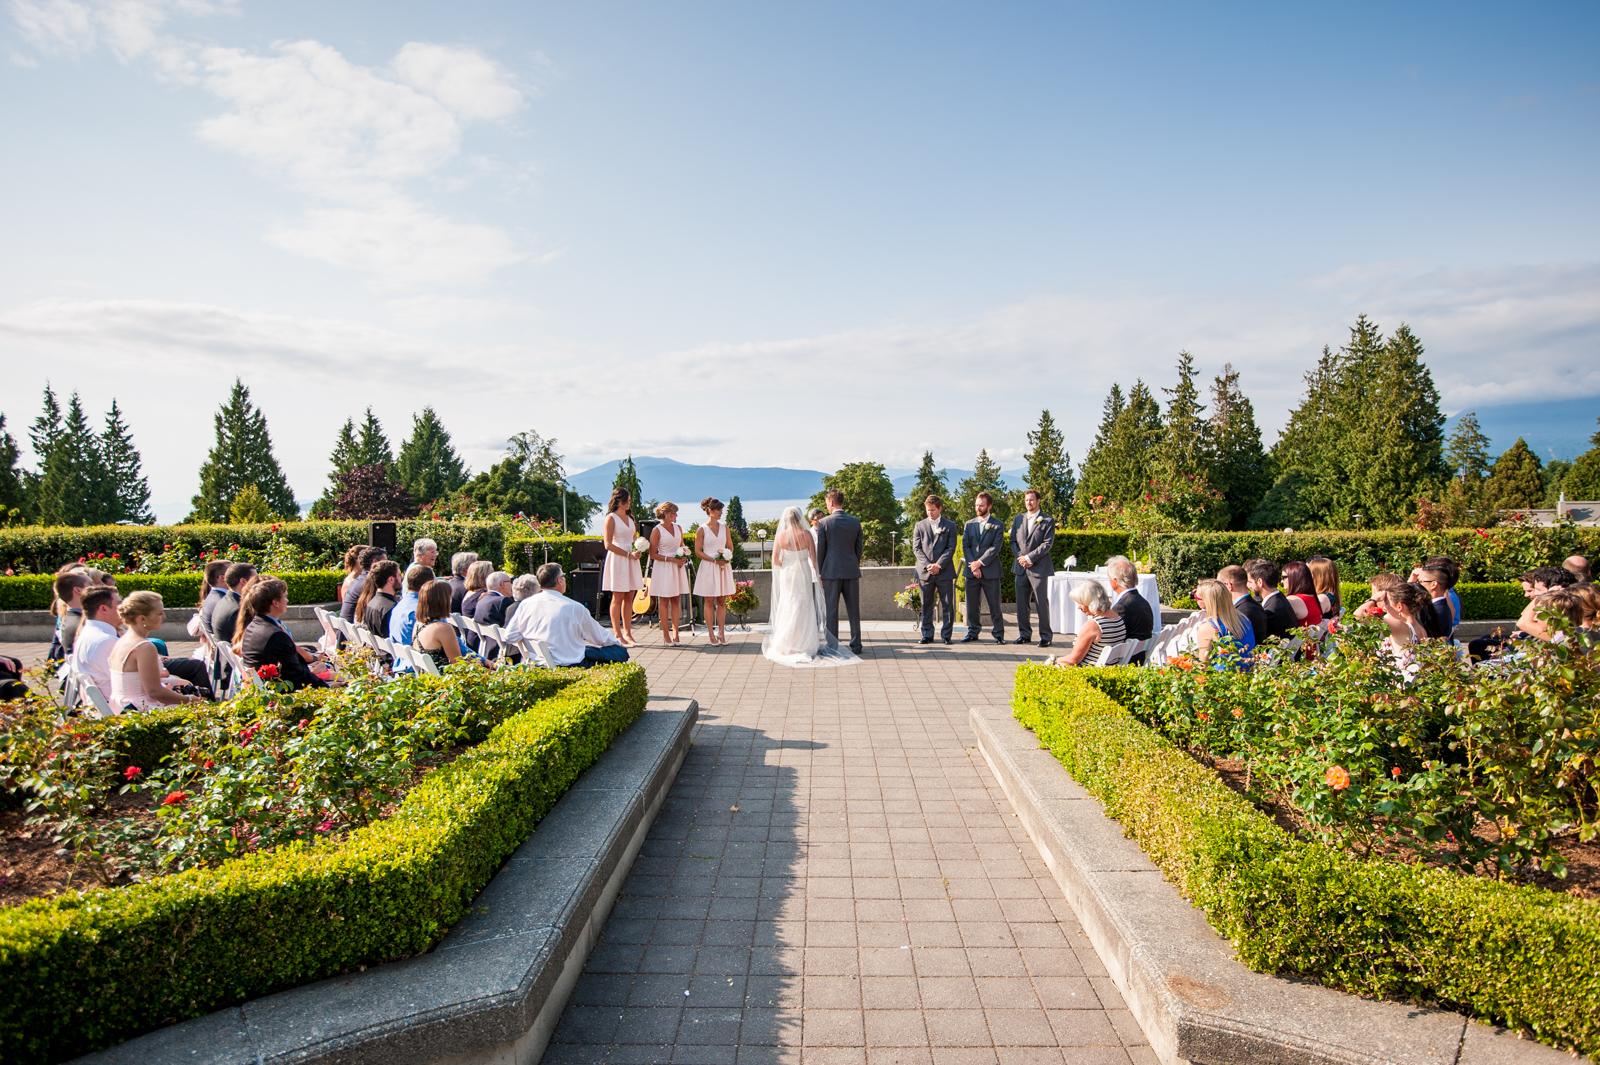 victoria-wedding-photographers-ubc-rose-garden-sage-bistro-wedding-31.jpg